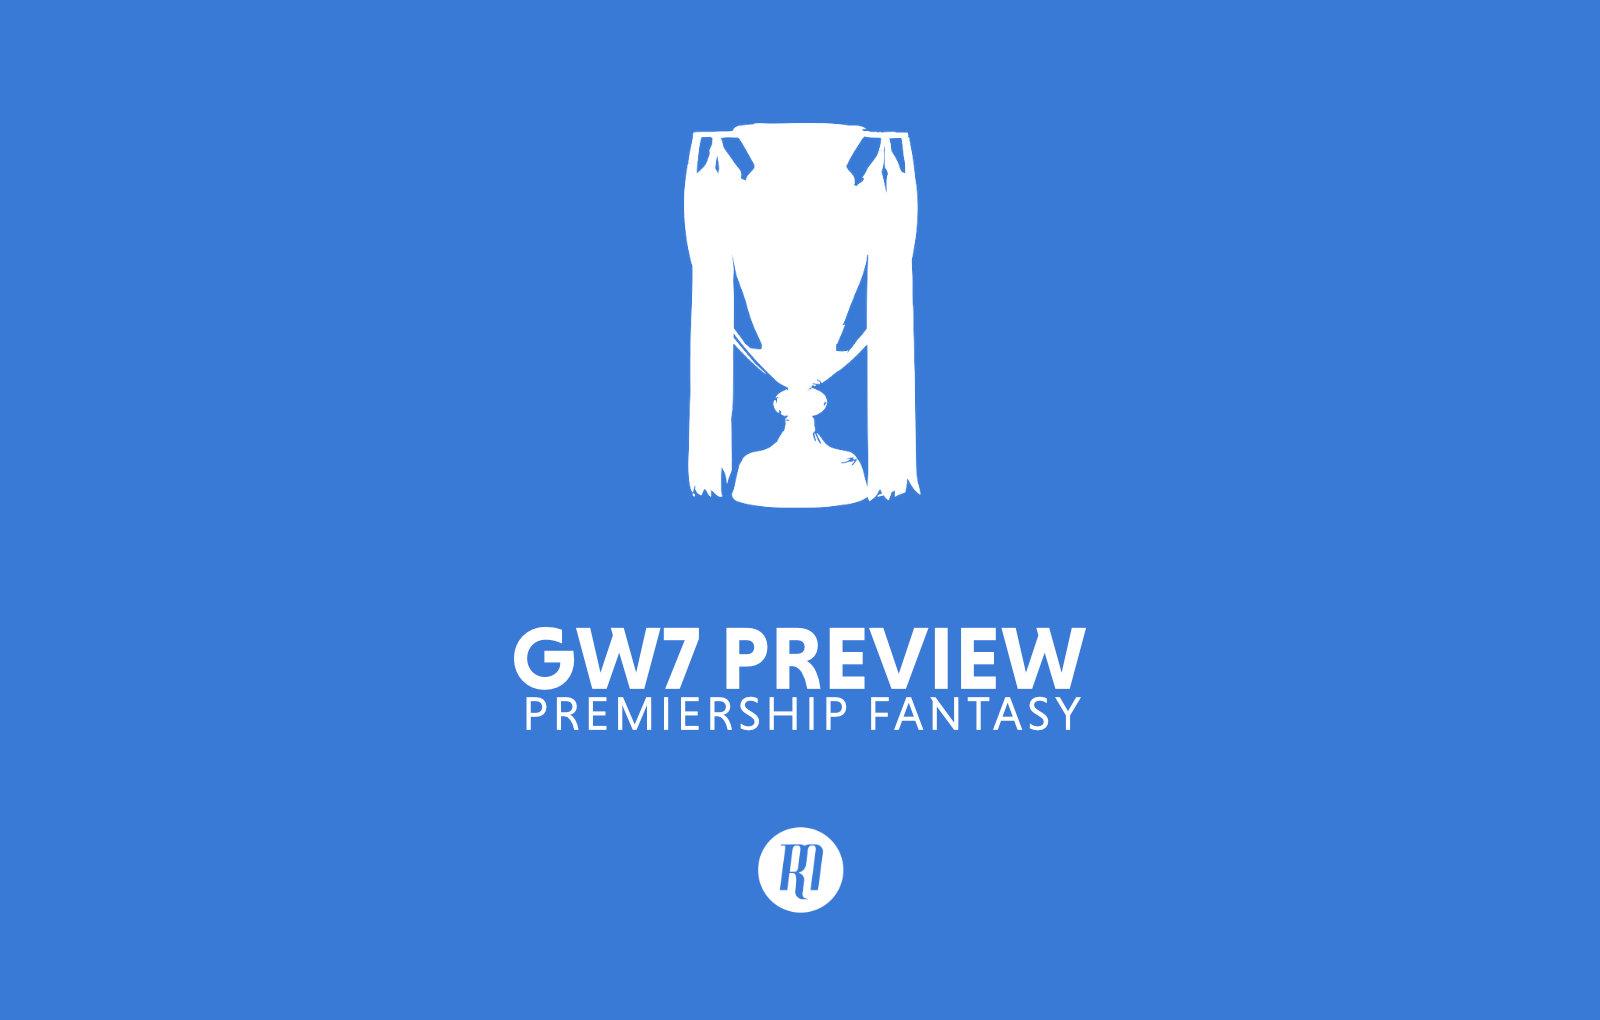 Fantasy Rugby: Premiership Gameweek 7 Preview